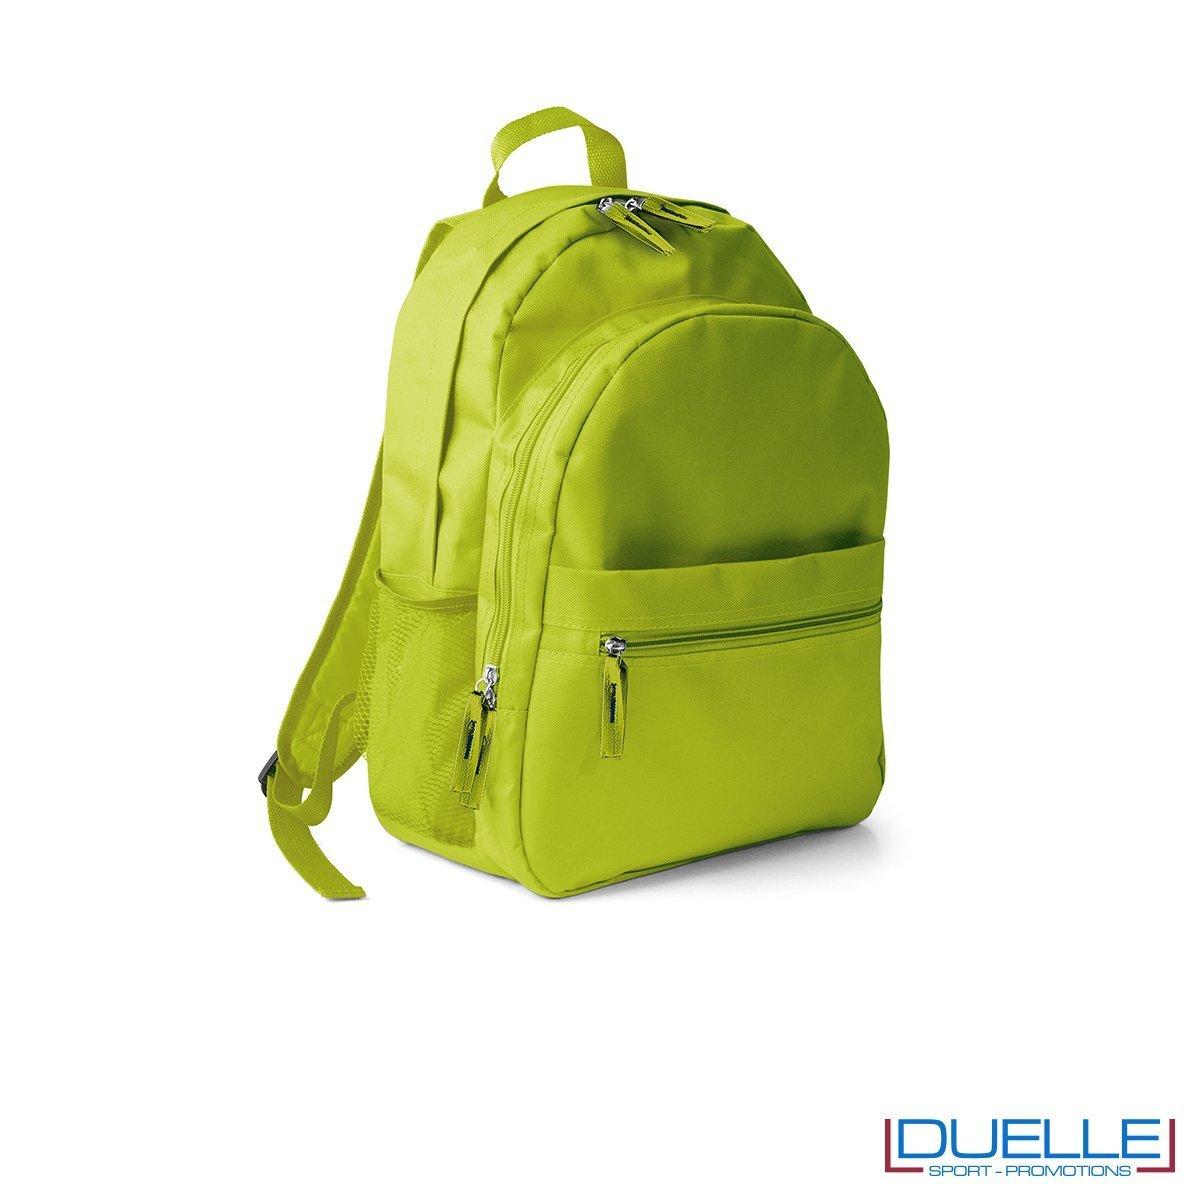 zaino personalizzato, zaino per lo sport e il tempo libero - zaino economico personalizzato verde lime